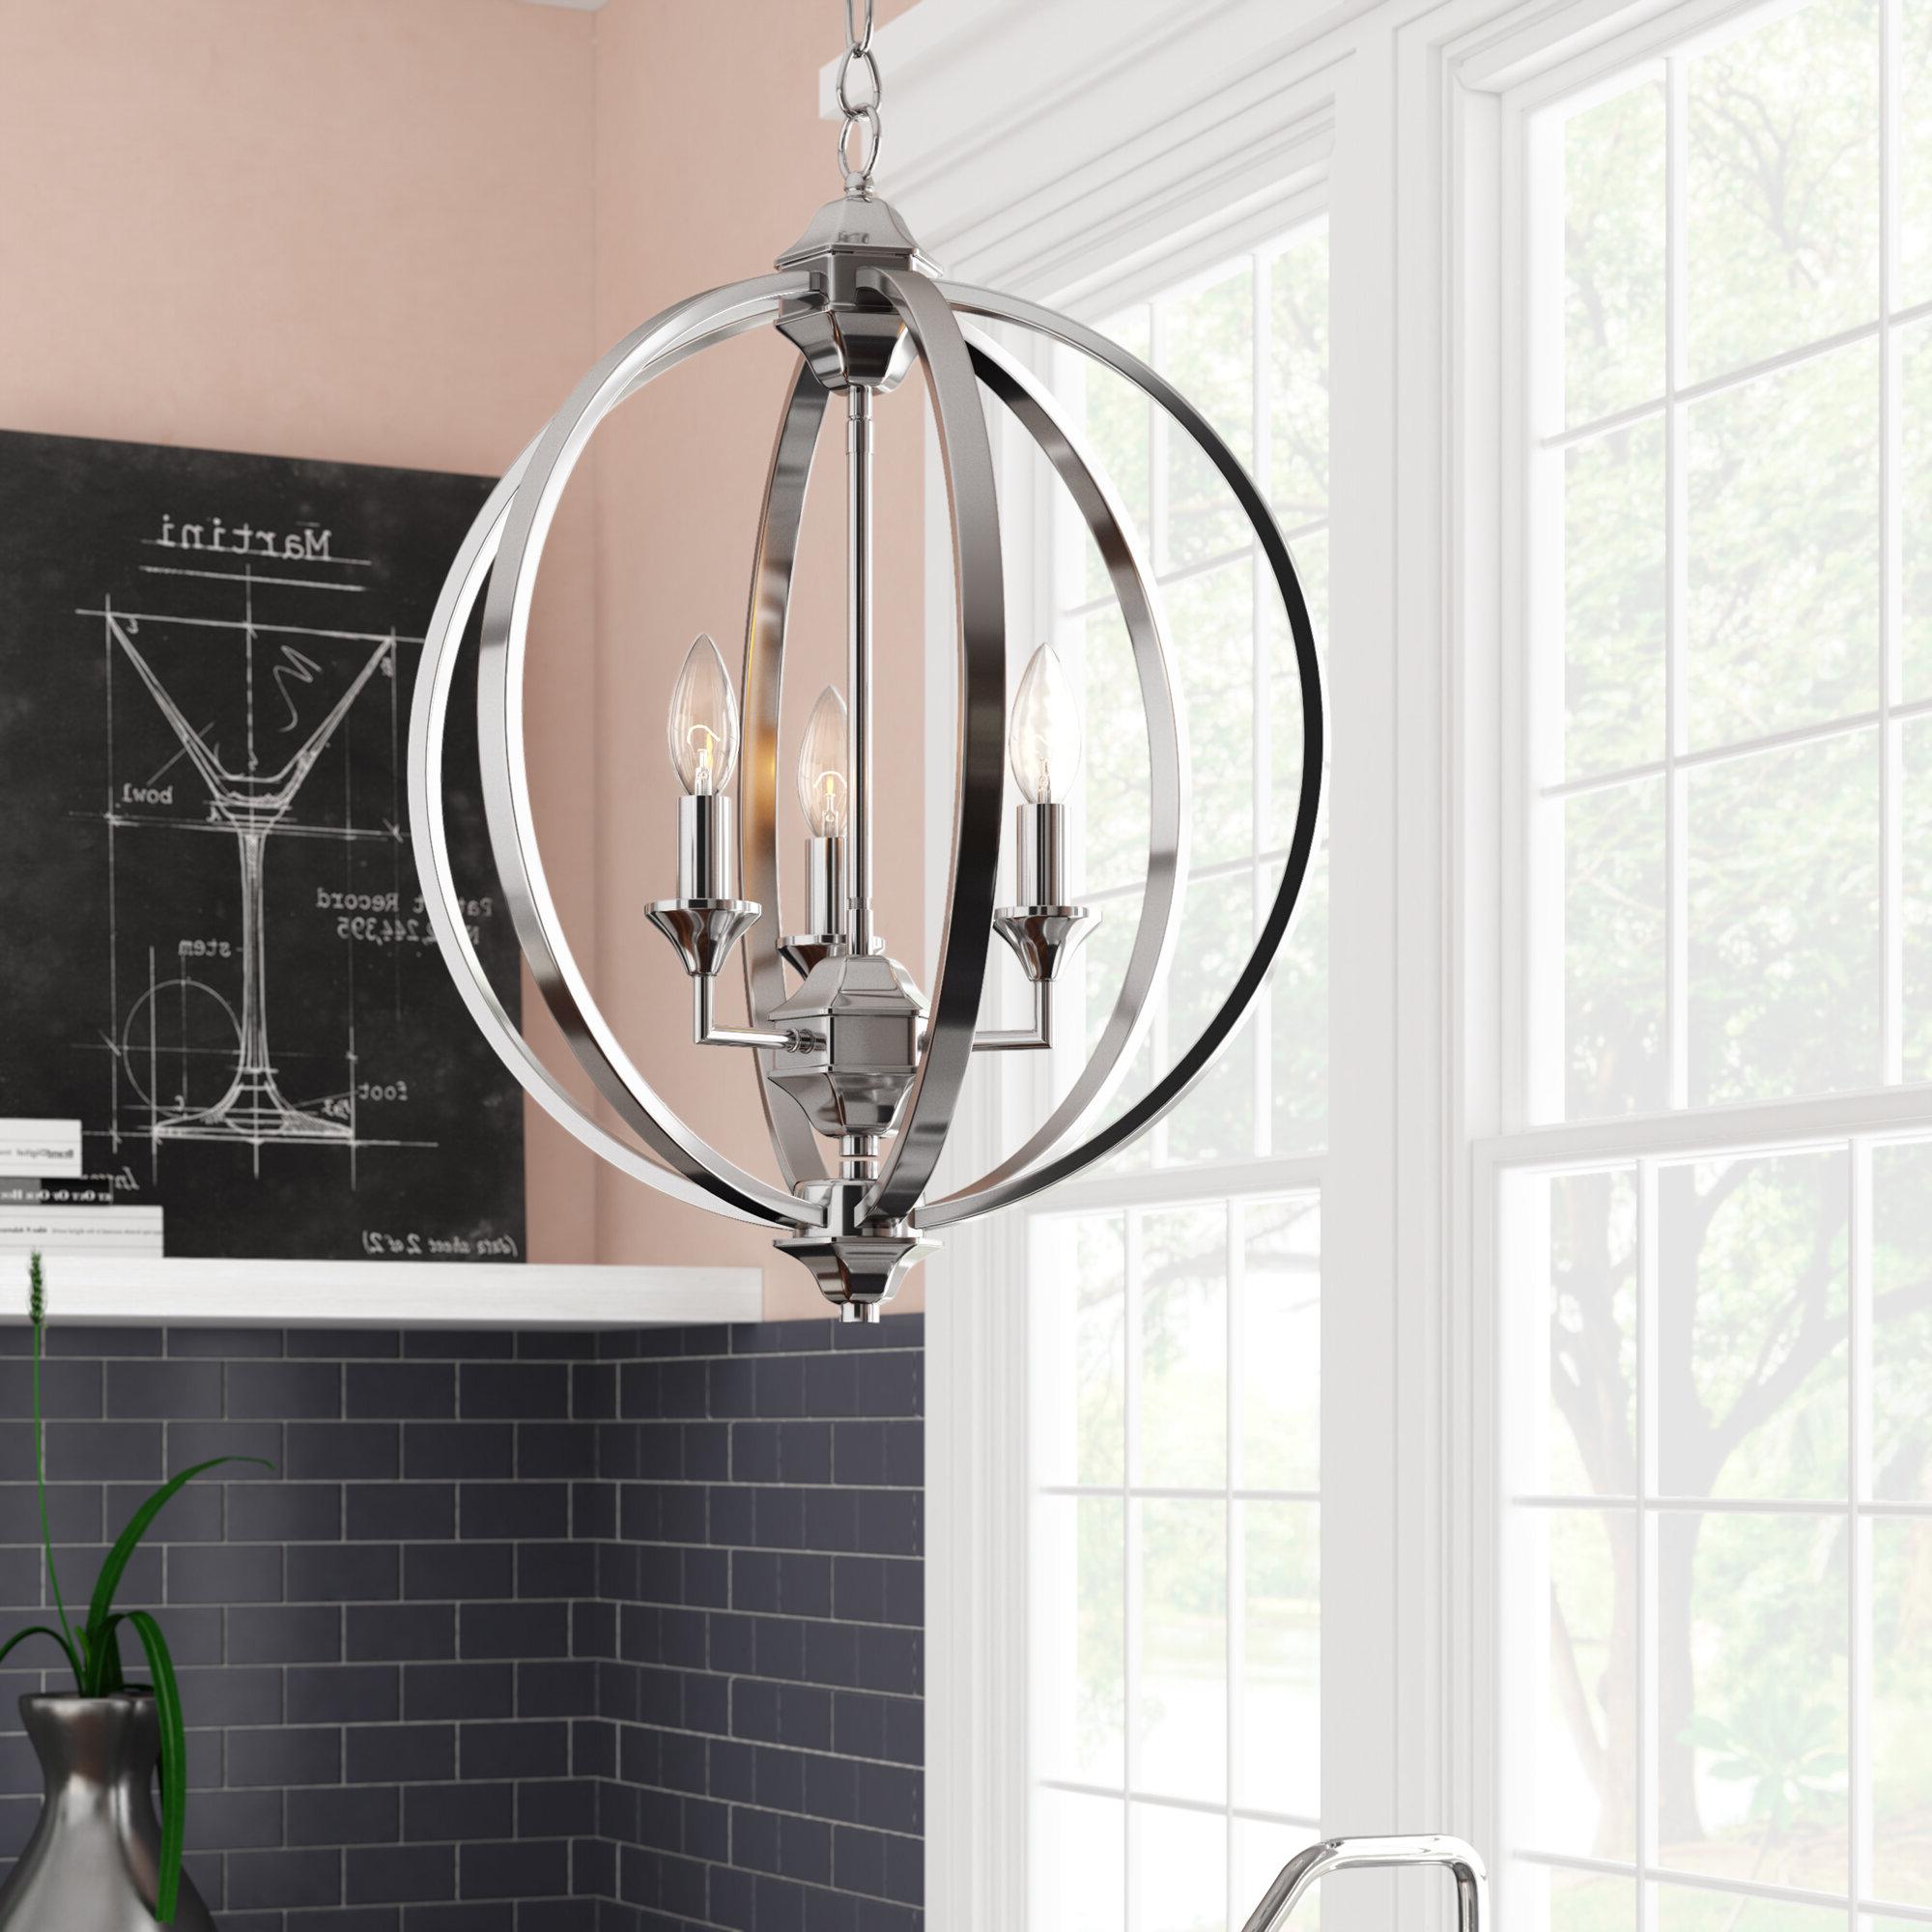 Hendry 4 Light Globe Chandeliers Regarding Fashionable Minneota 3 Light Globe Chandelier (Gallery 16 of 25)